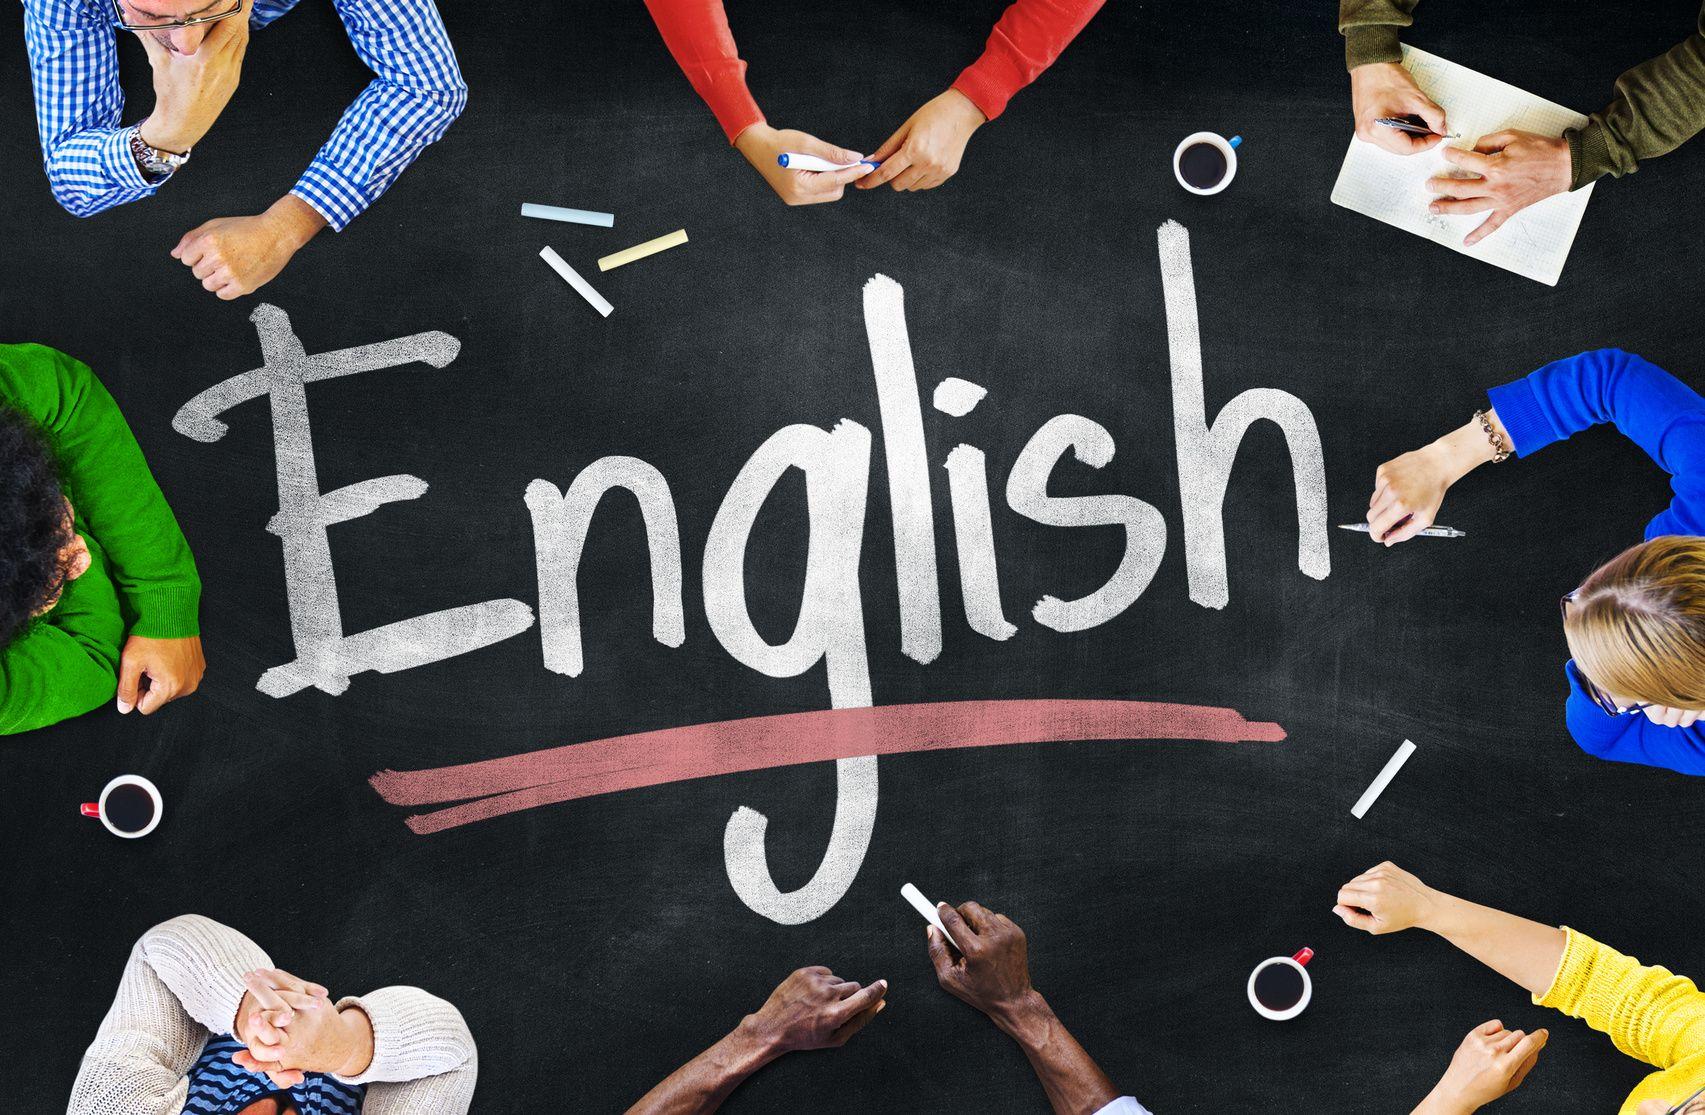 English tutor jobs english tutoring jobs english tutoring